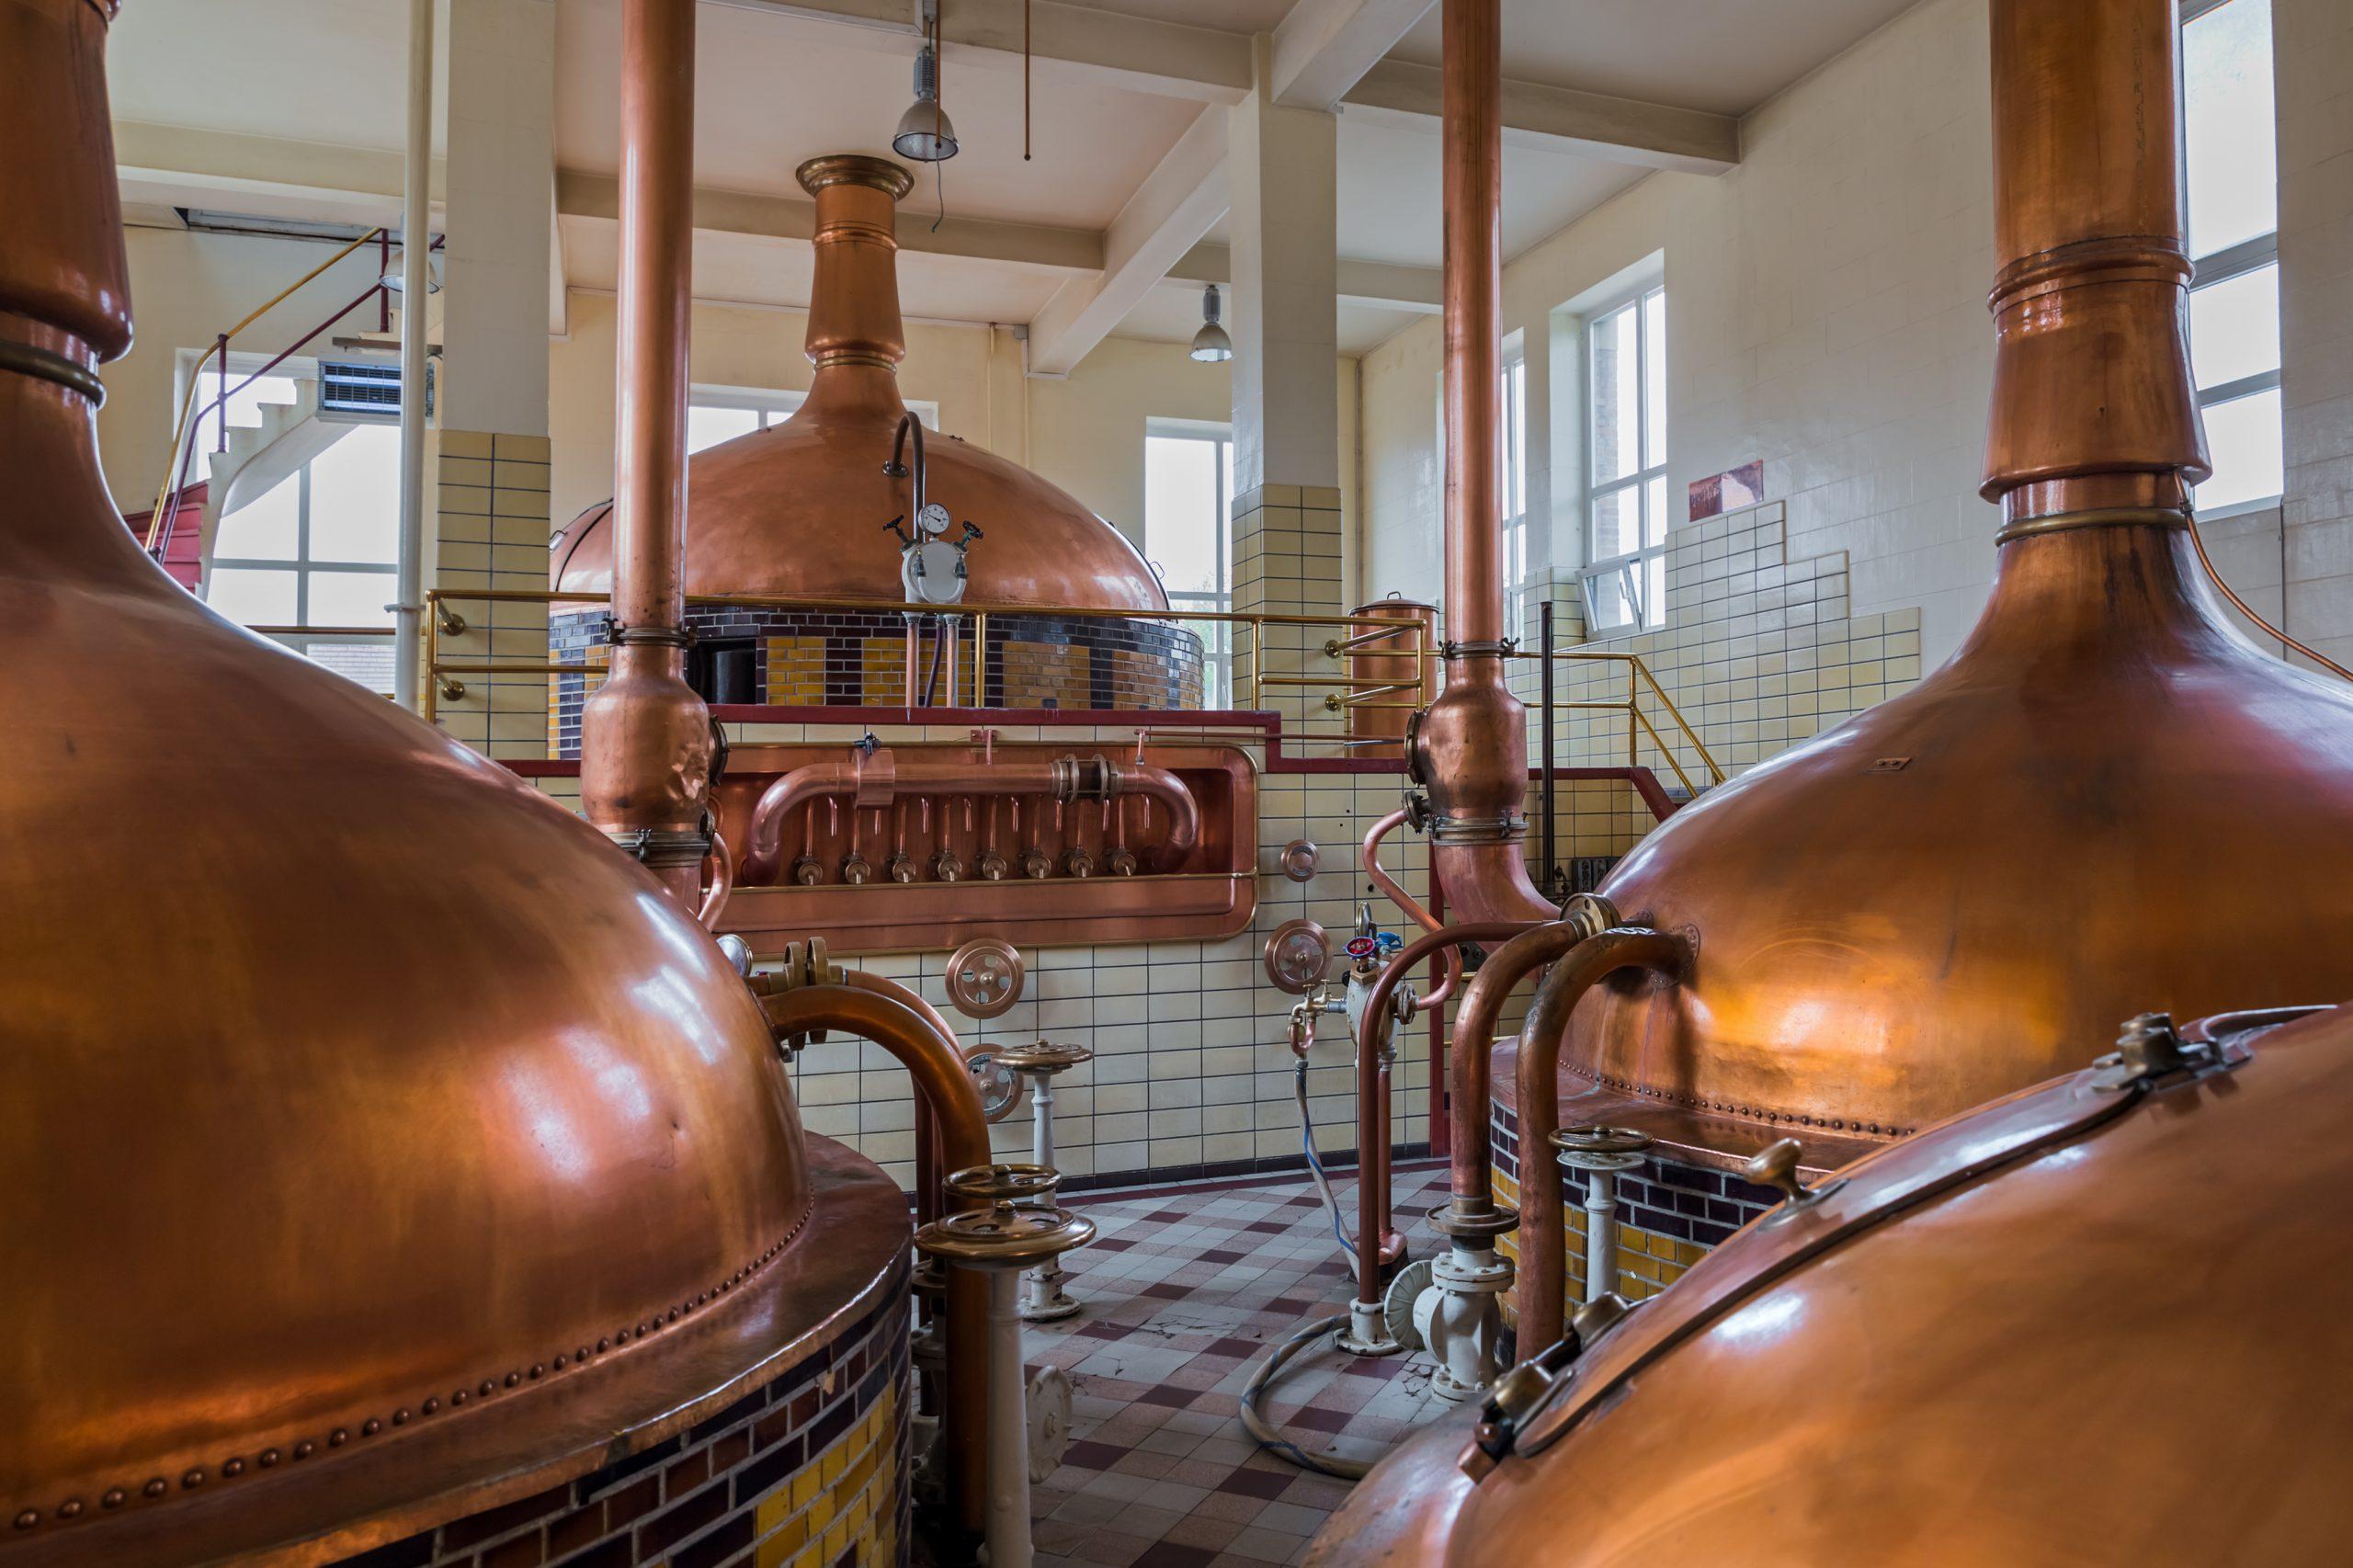 Mehrere kupferne Bierkessel in der Halle einer traditionellen Brauerei.